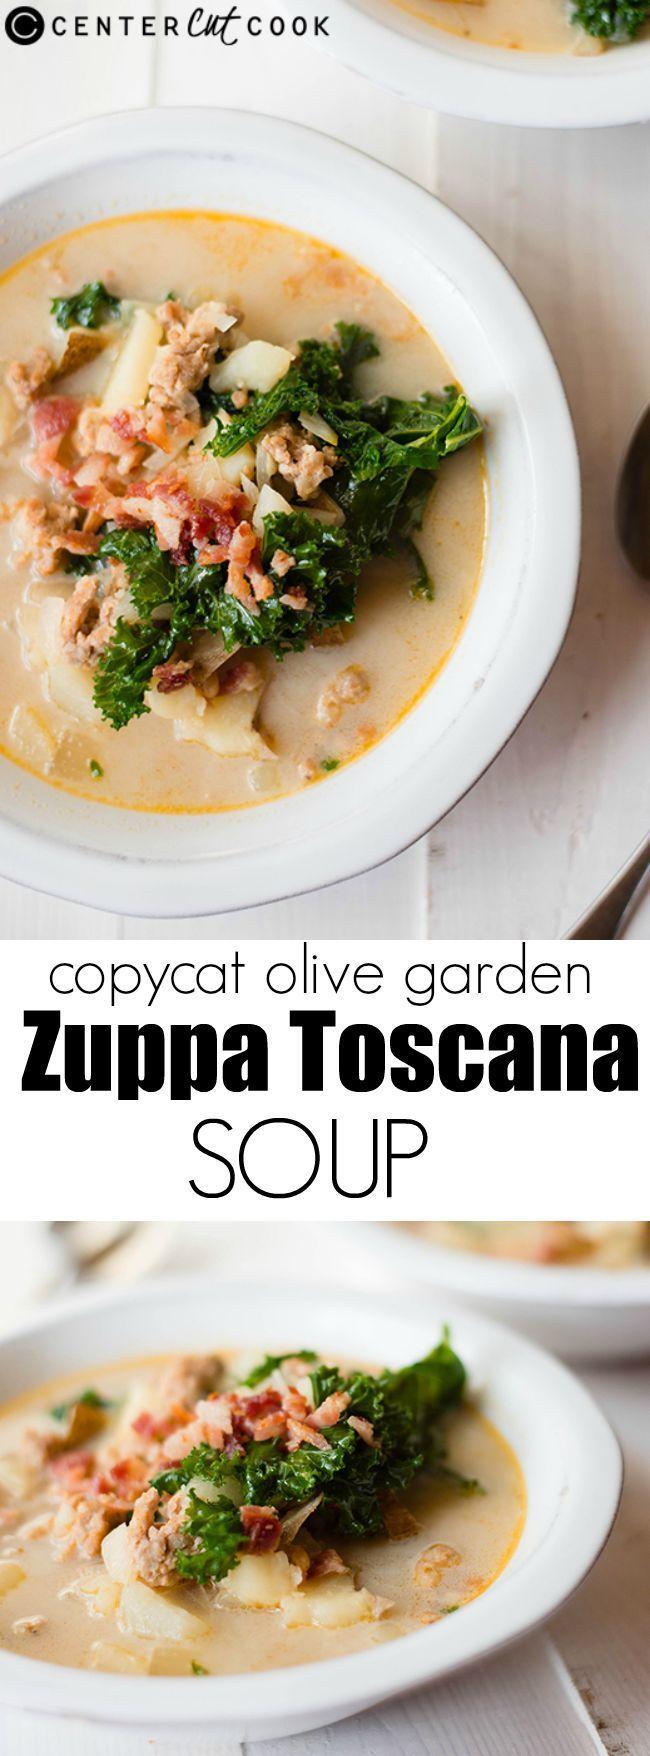 Salatdressing rezept olive garden